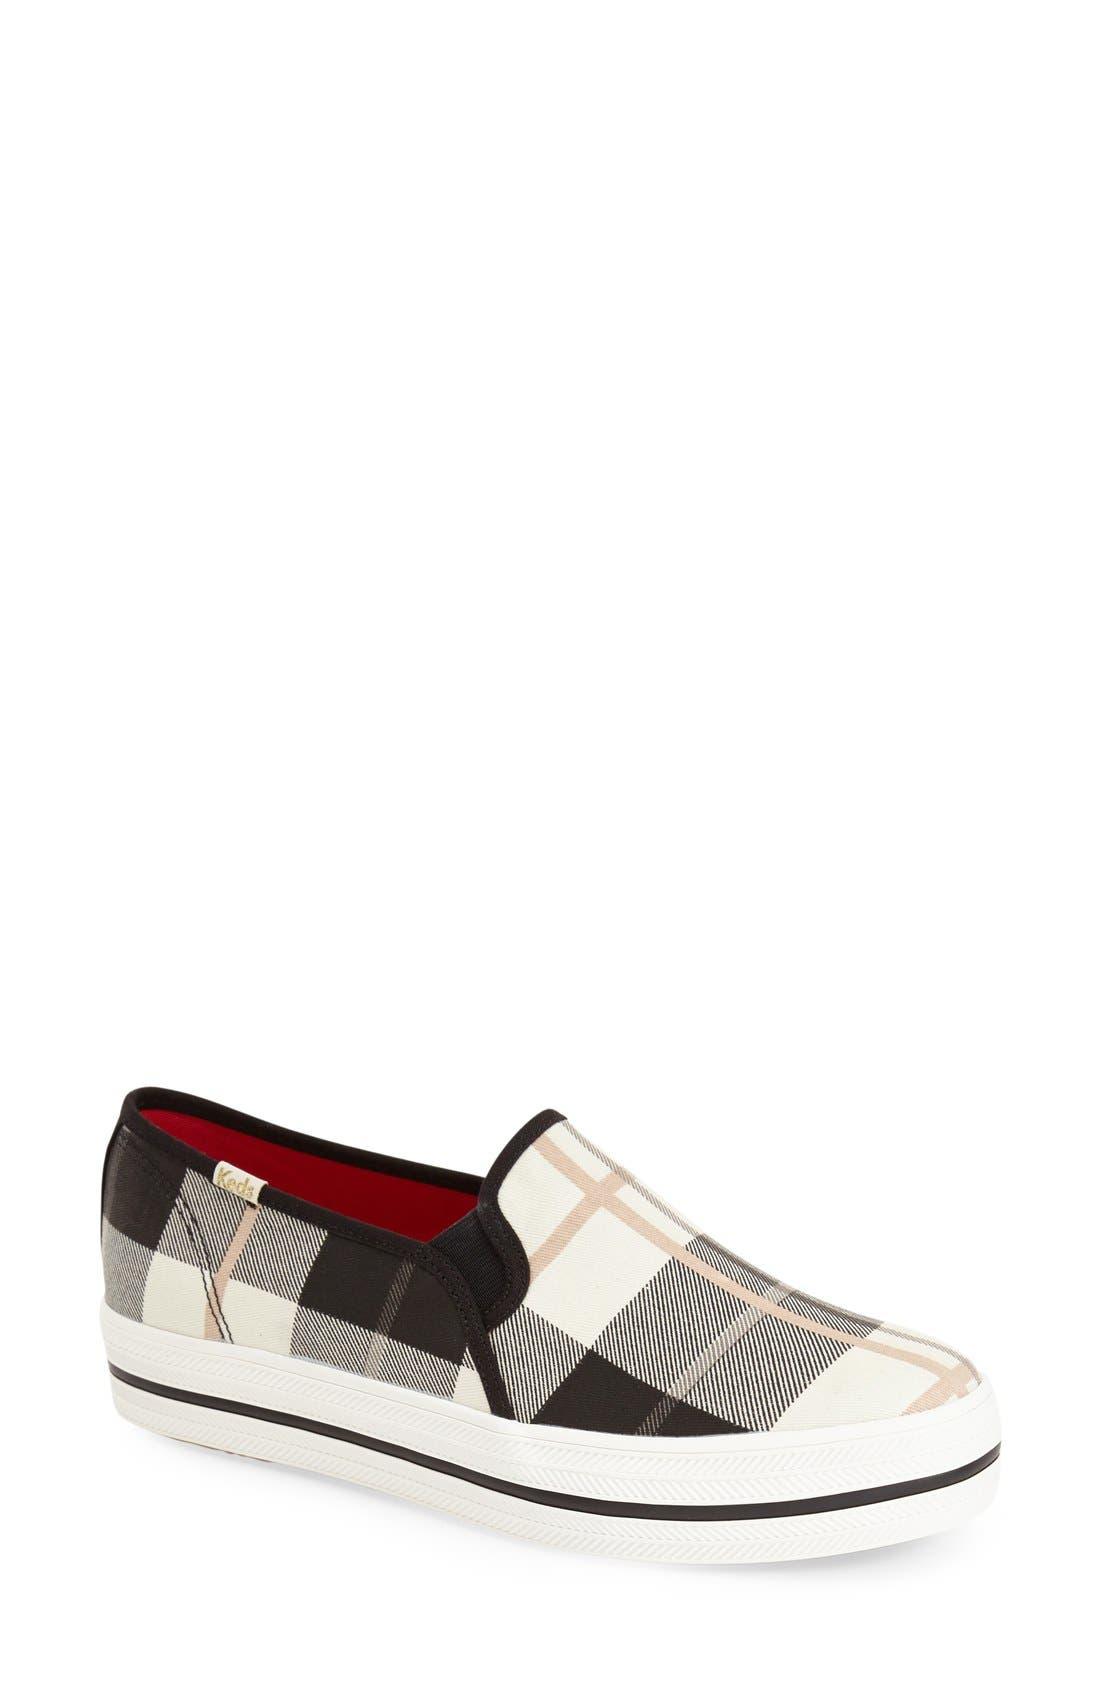 Alternate Image 1 Selected - Keds® for kate spade new york 'decker' slip-on sneaker (Women)